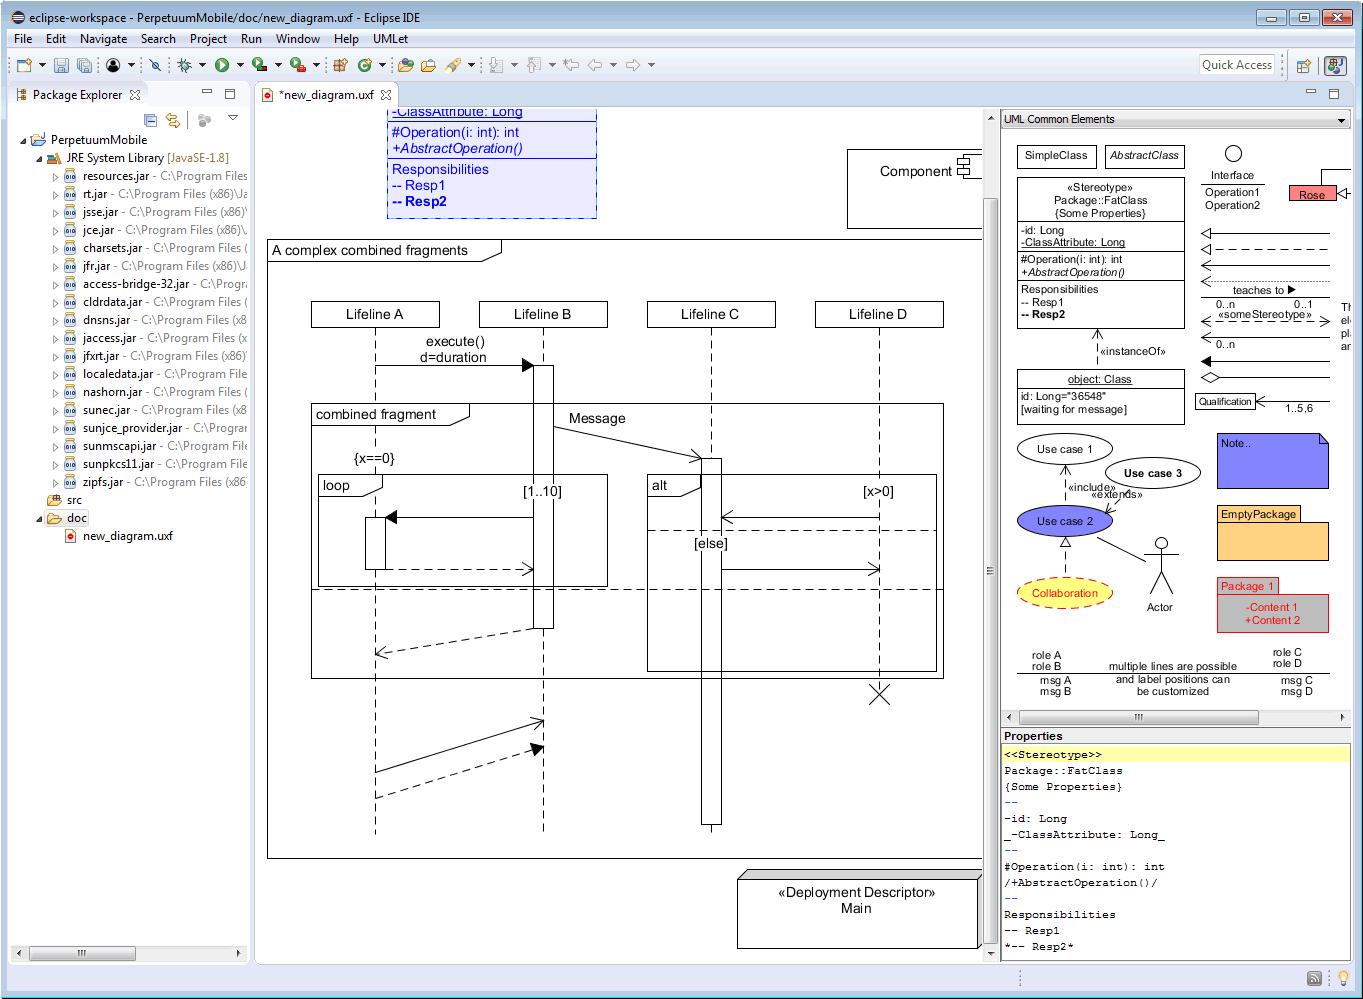 在Eclipse中安装UMLet插件